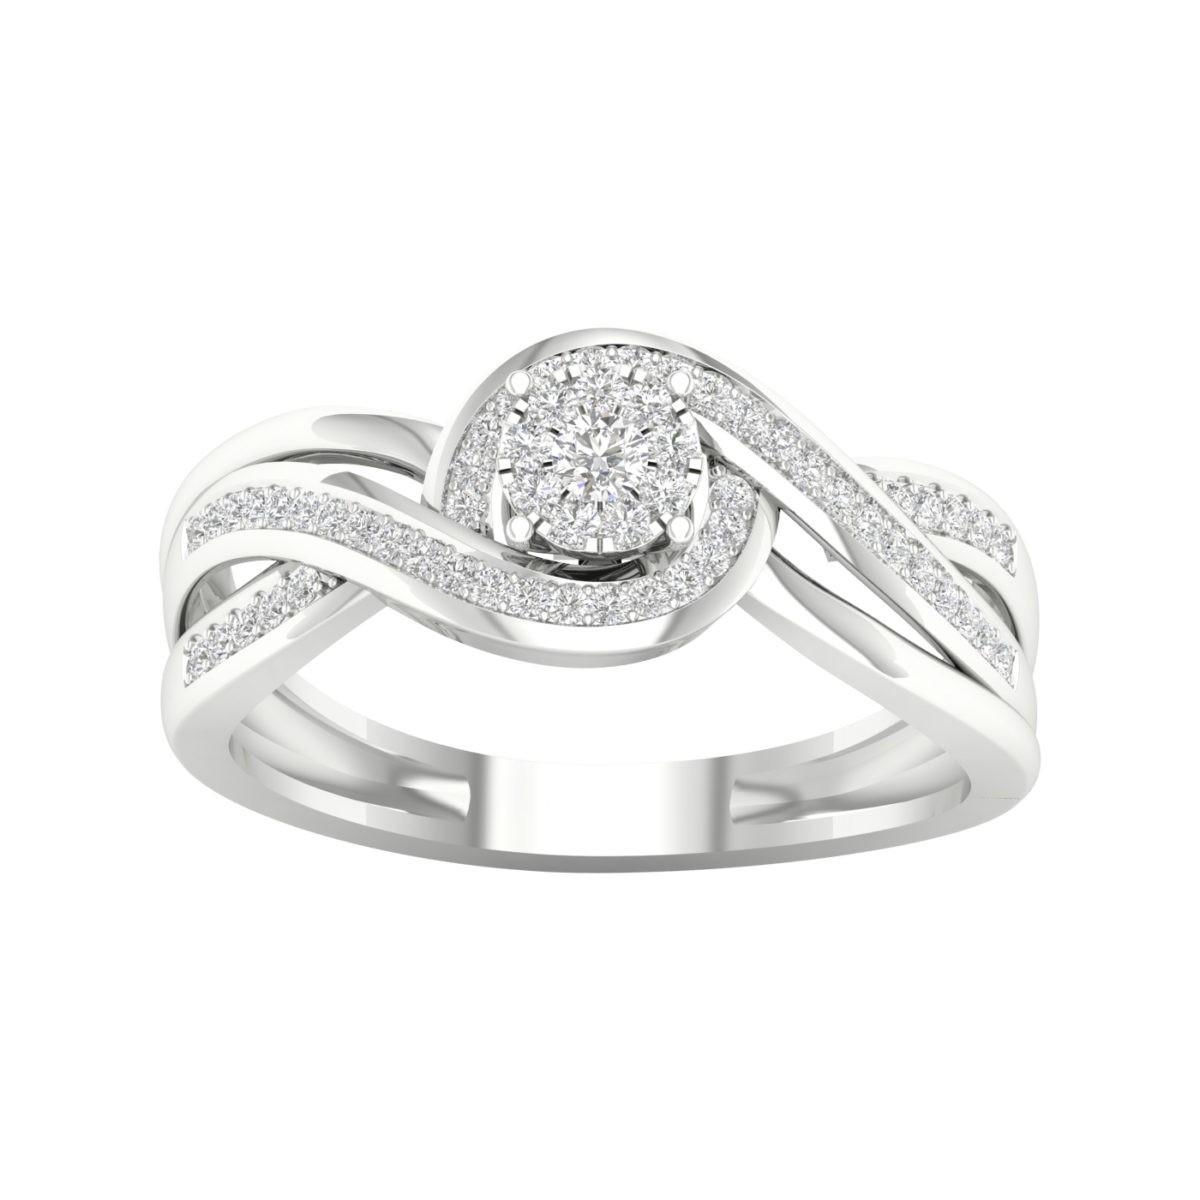 Kullast sõrmus teemantidega 0,25 ct. Kood: 3hb